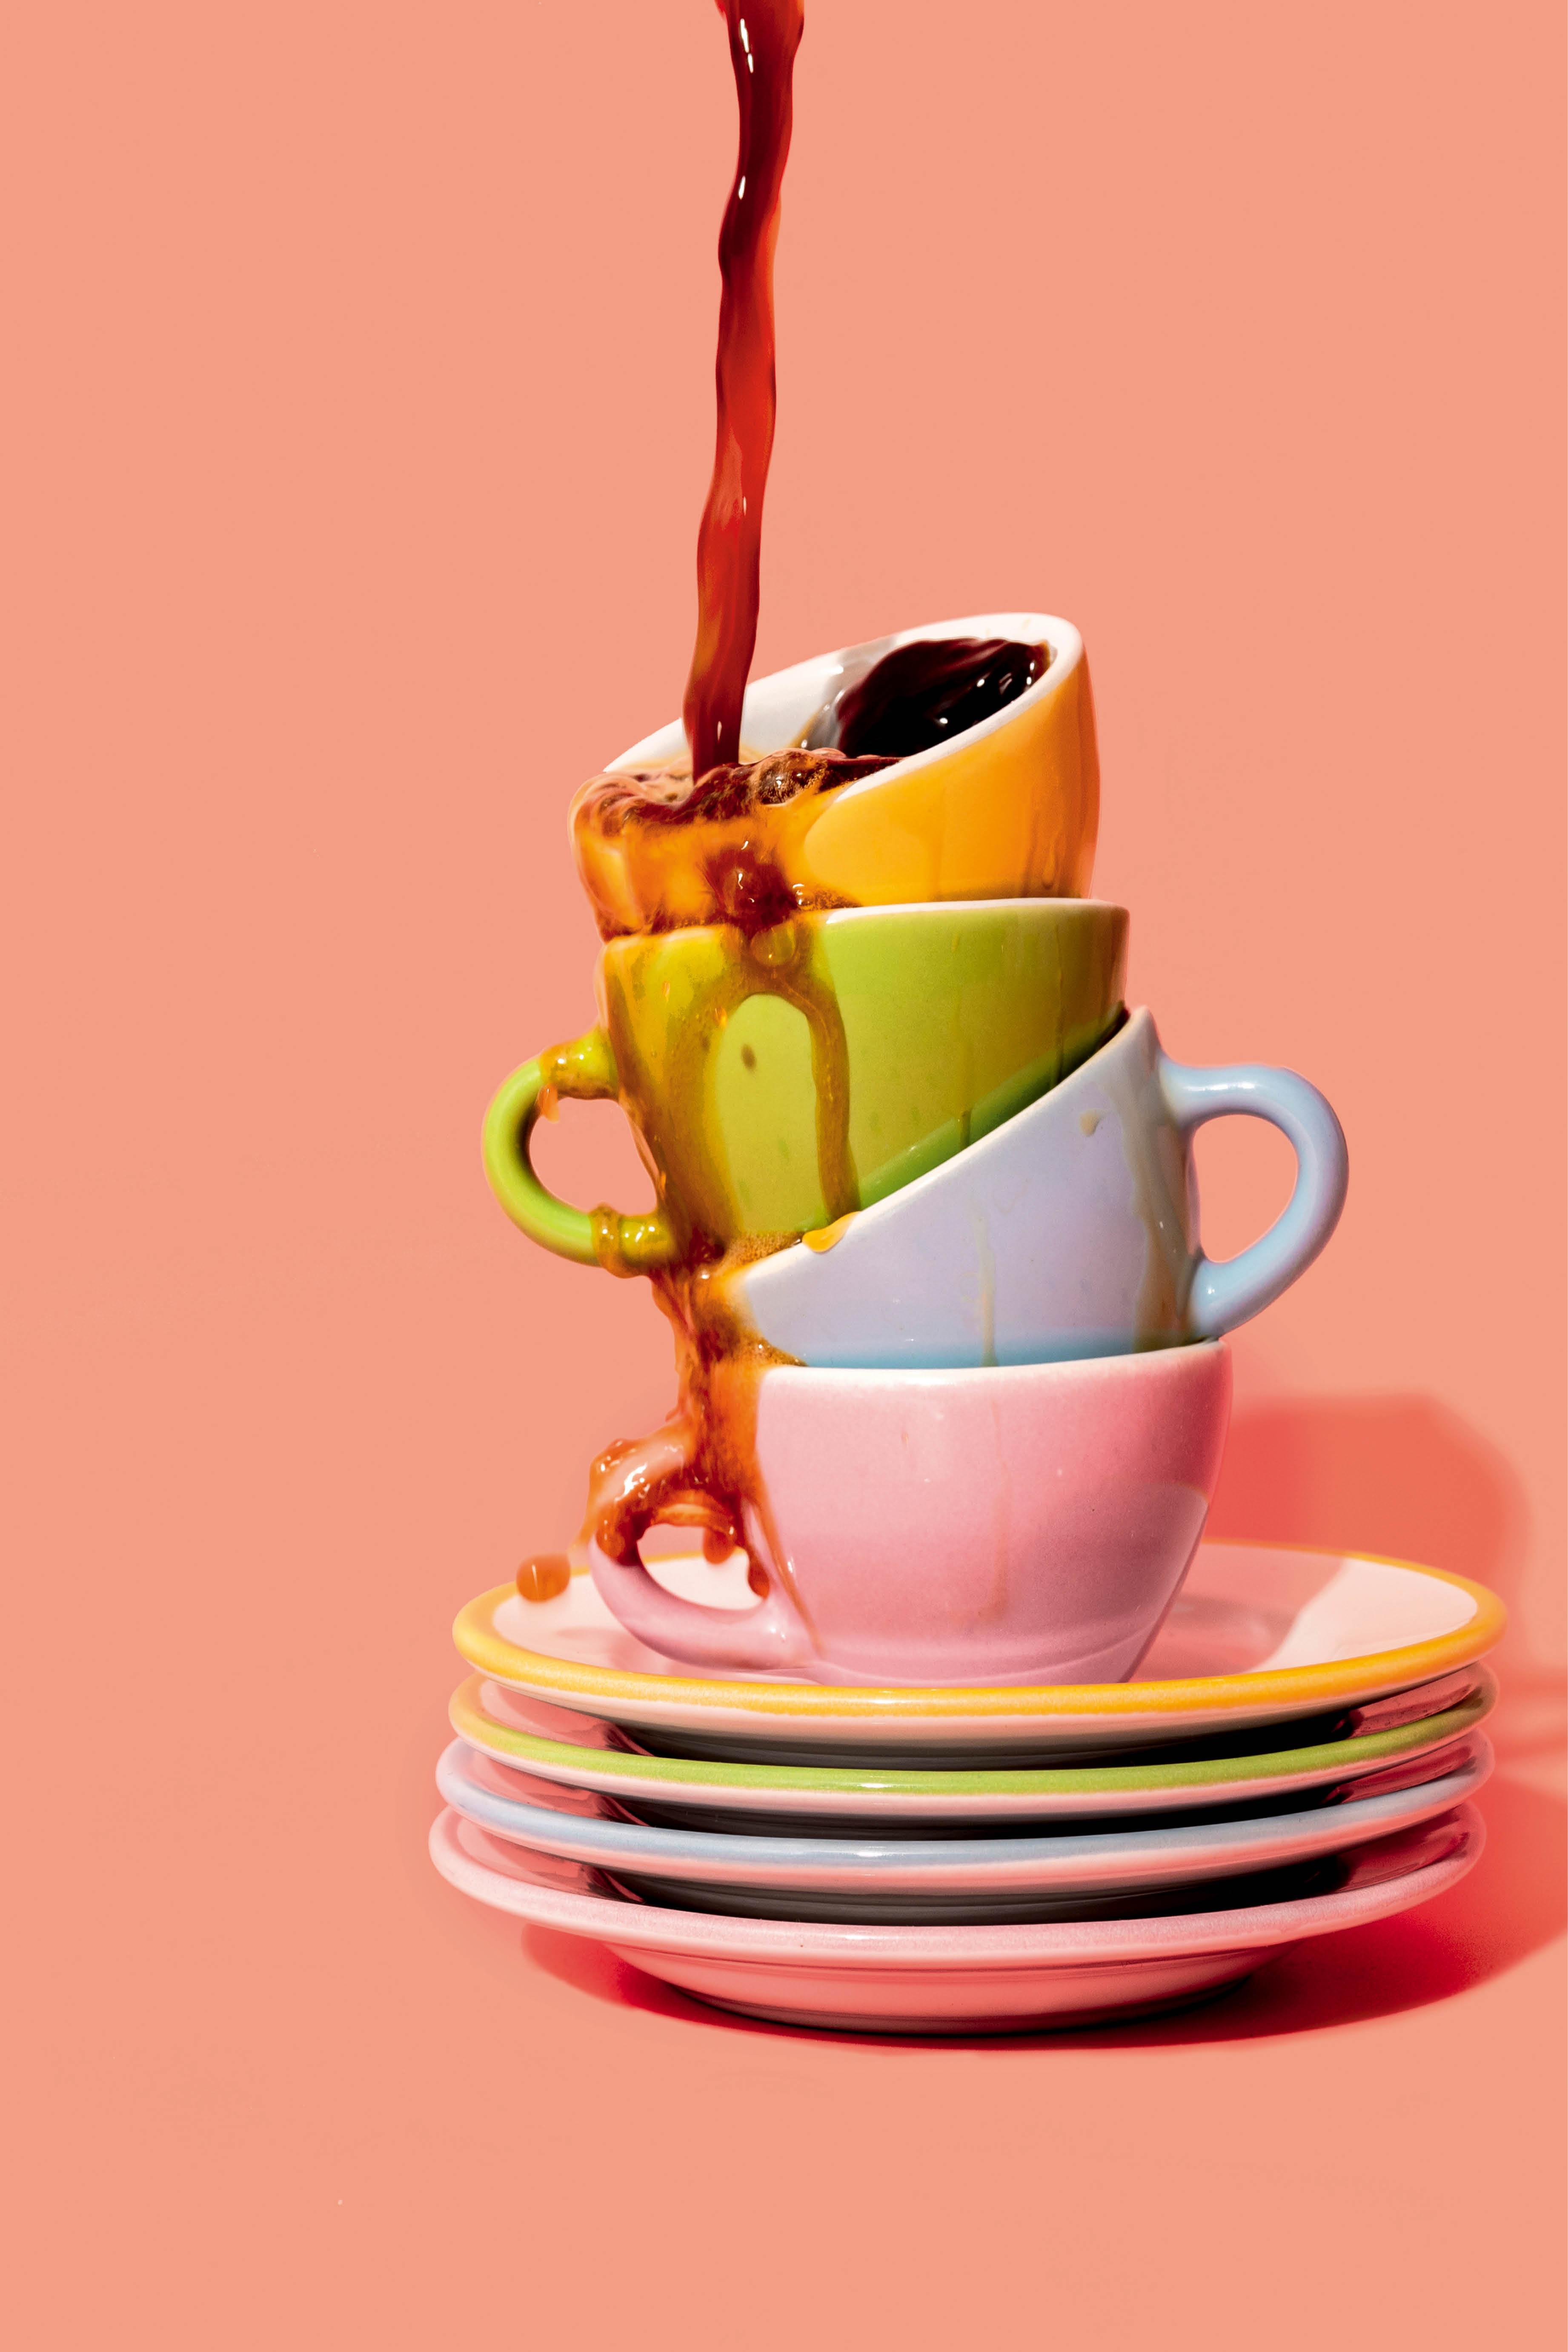 xícaras de café num fundo cor-de-rosa